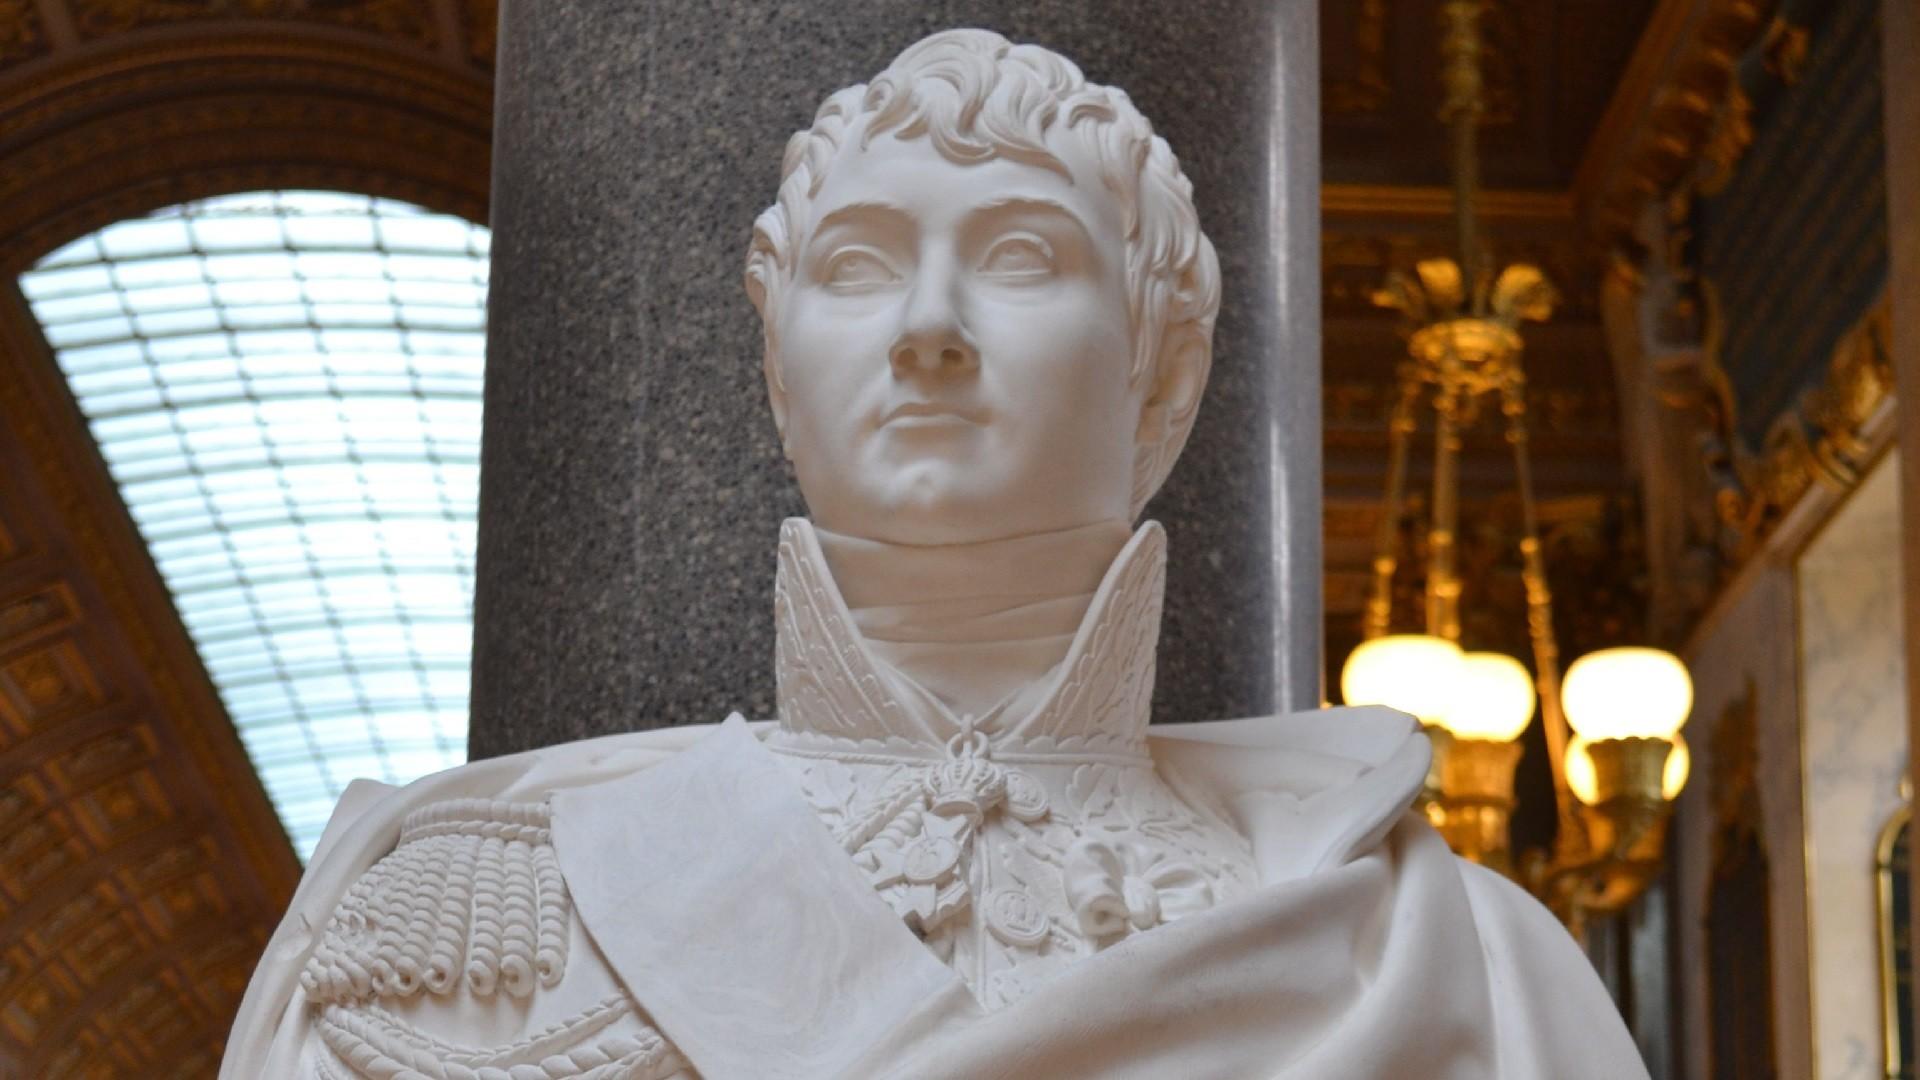 Buste de Charles Etienne Gudin de la Sablonnière. Galerie des Batailles, château de Versailles.